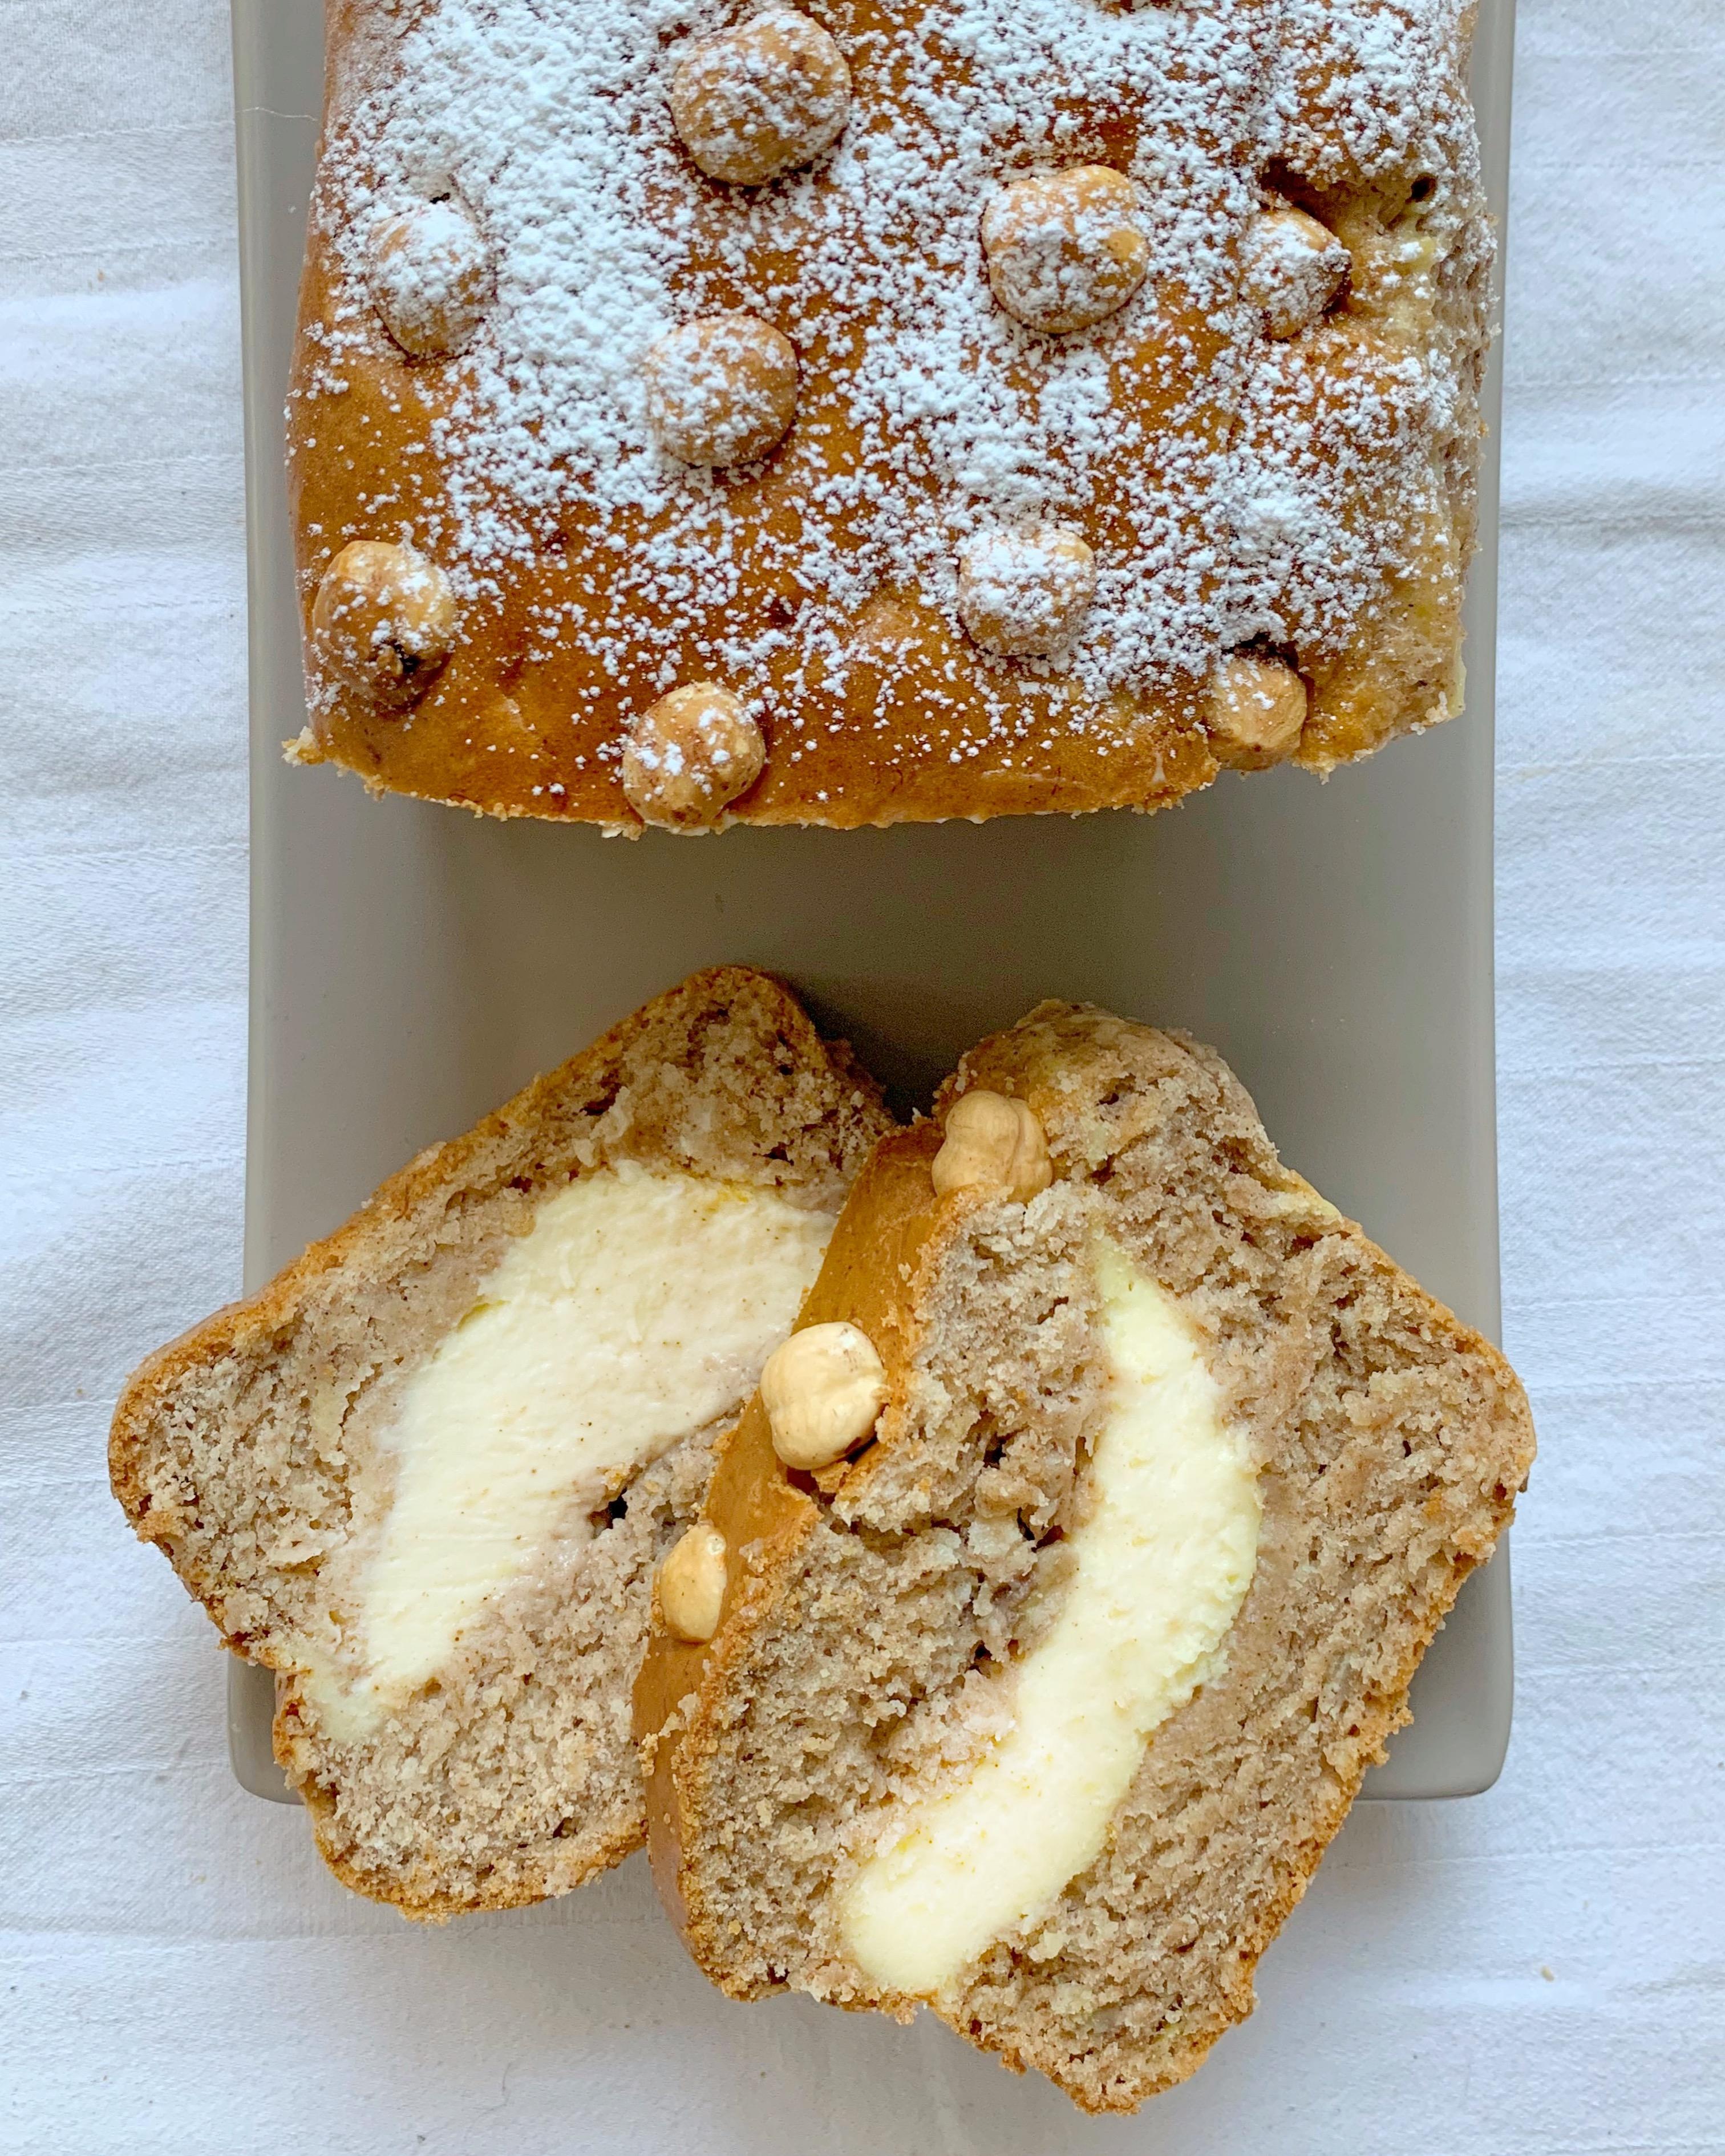 Cream Cheese Banana Bread, il famoso dolce reso ancora più goloso da un cuore morbido di cheesecake! Una vera coccola di piacere senza burro e uova!